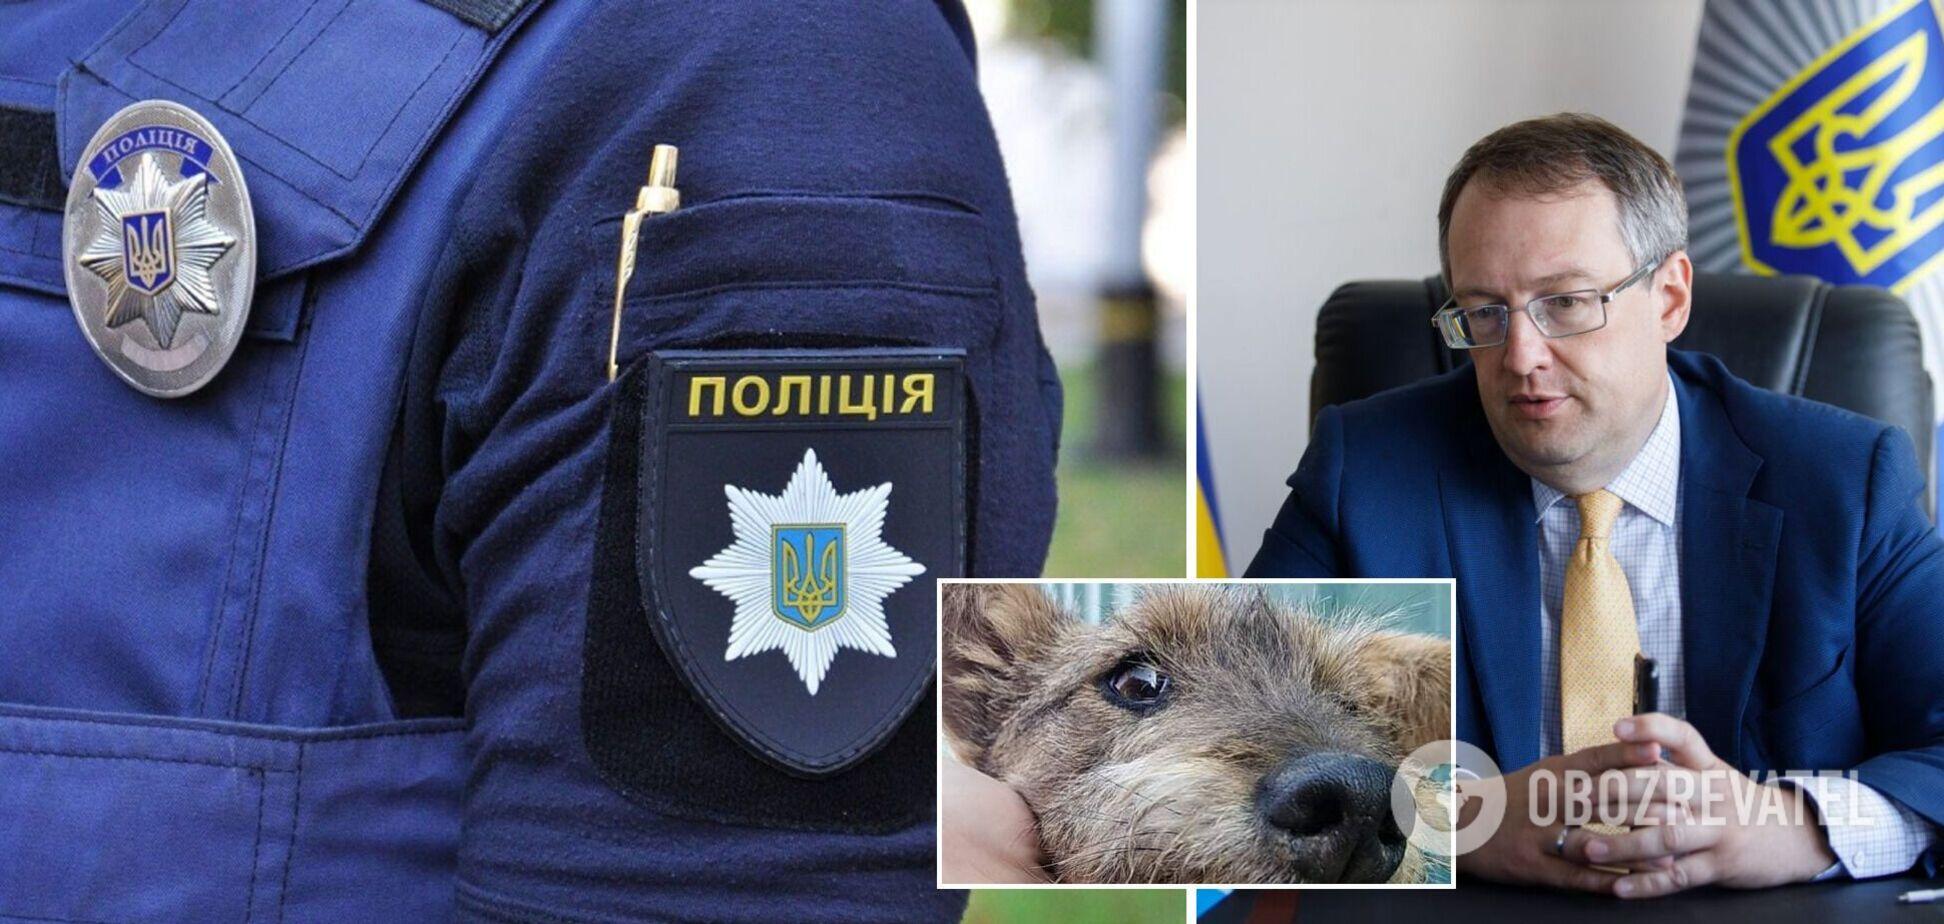 На Виннитчине живодер убил трех собак: Геращенко пообещал наказать 'подонка'